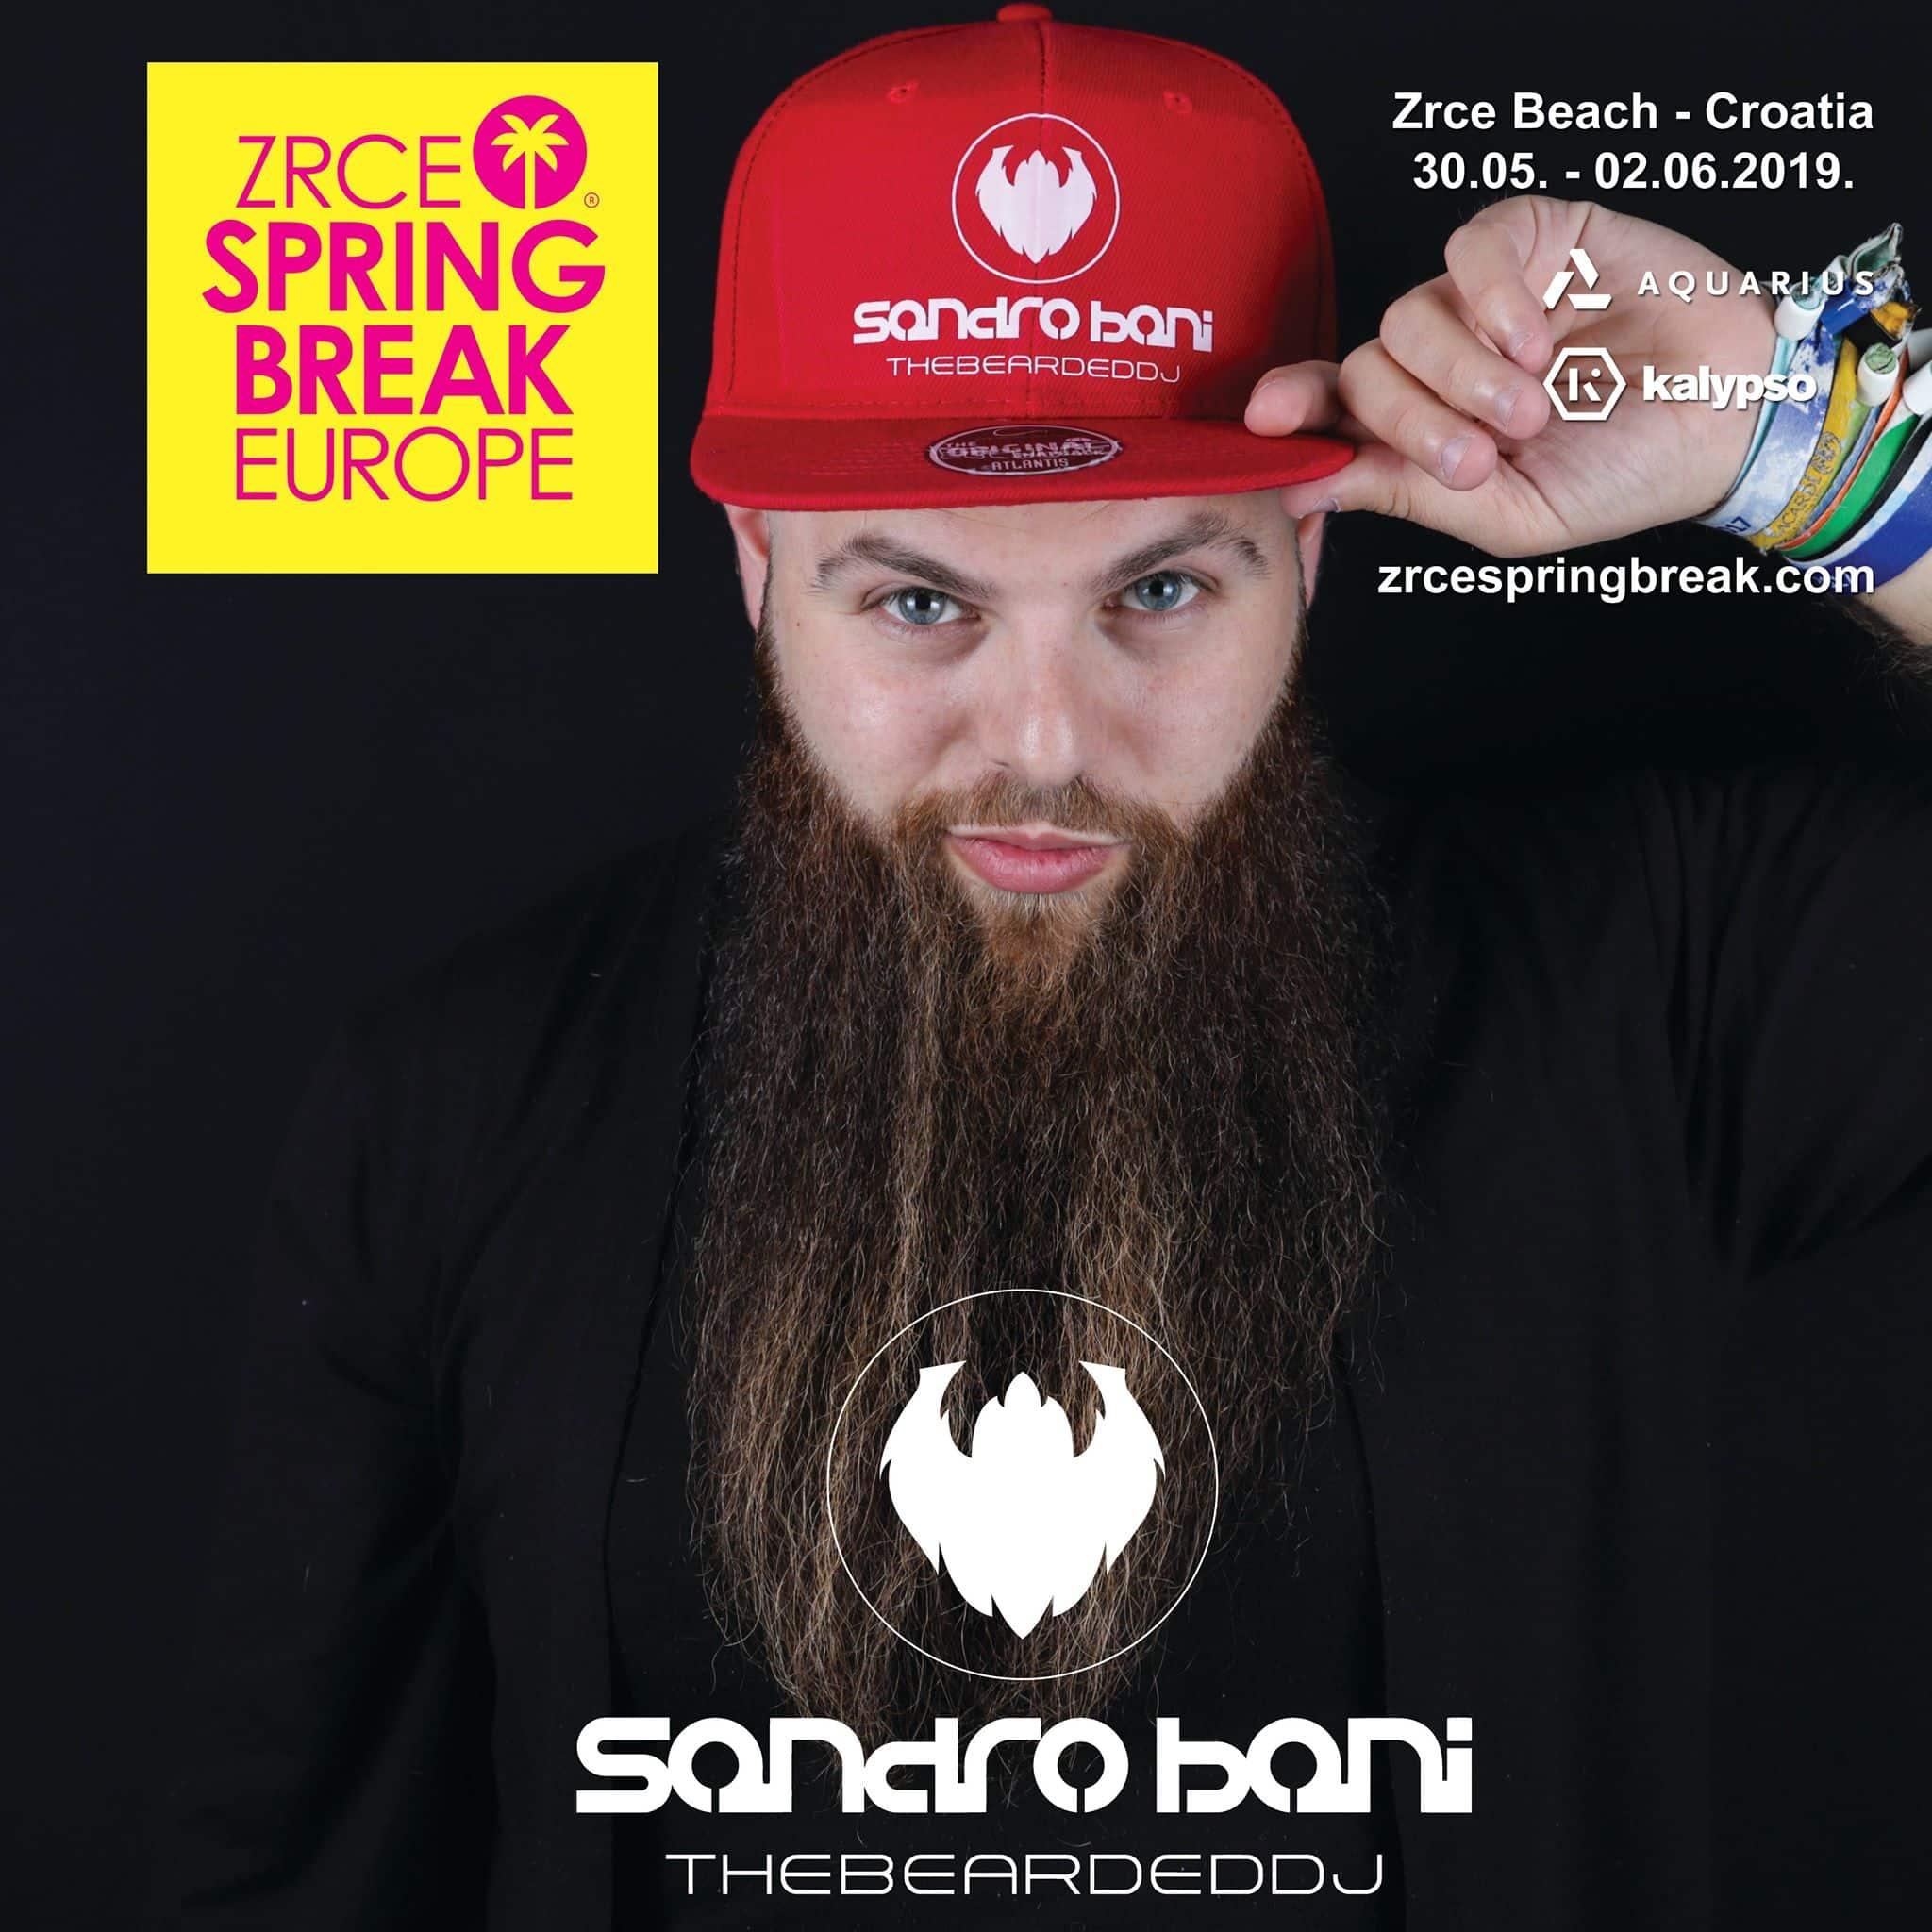 sandro-bani-zrce-spring-break-europe-2019-promo